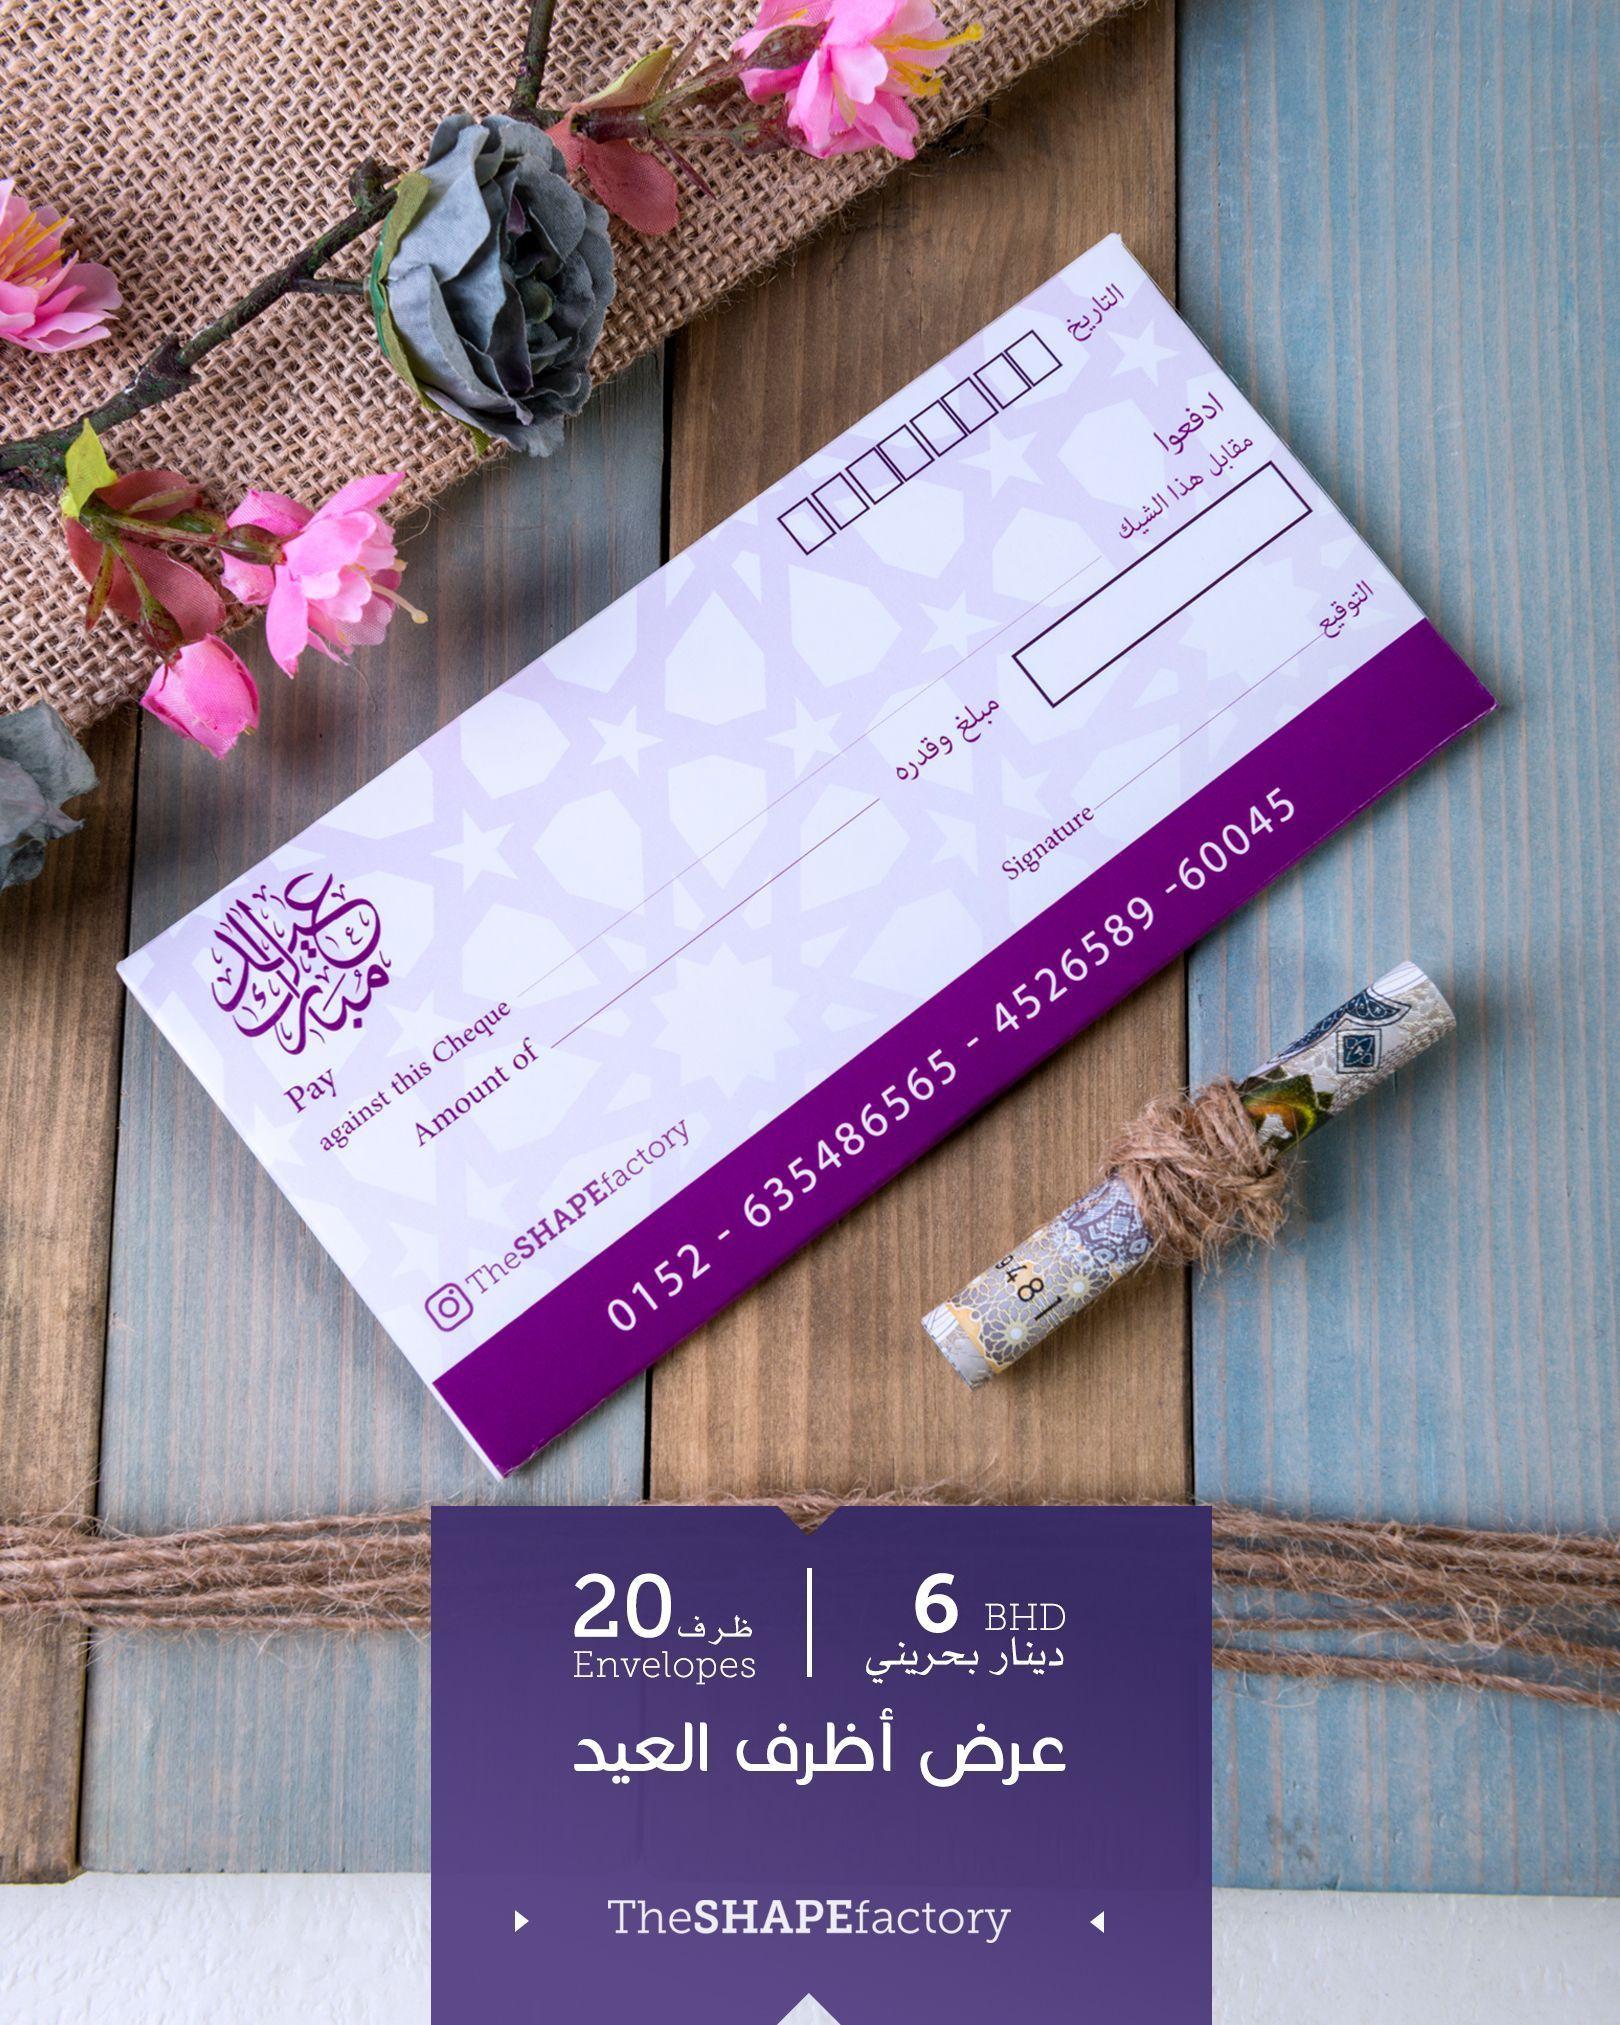 وهذااا الشيك لعيونكم لووو حصلتوا شيك جم تبون يكون الرقم المكتووب Shape Code Nv0015 Happy Eid Crafts Book Cover